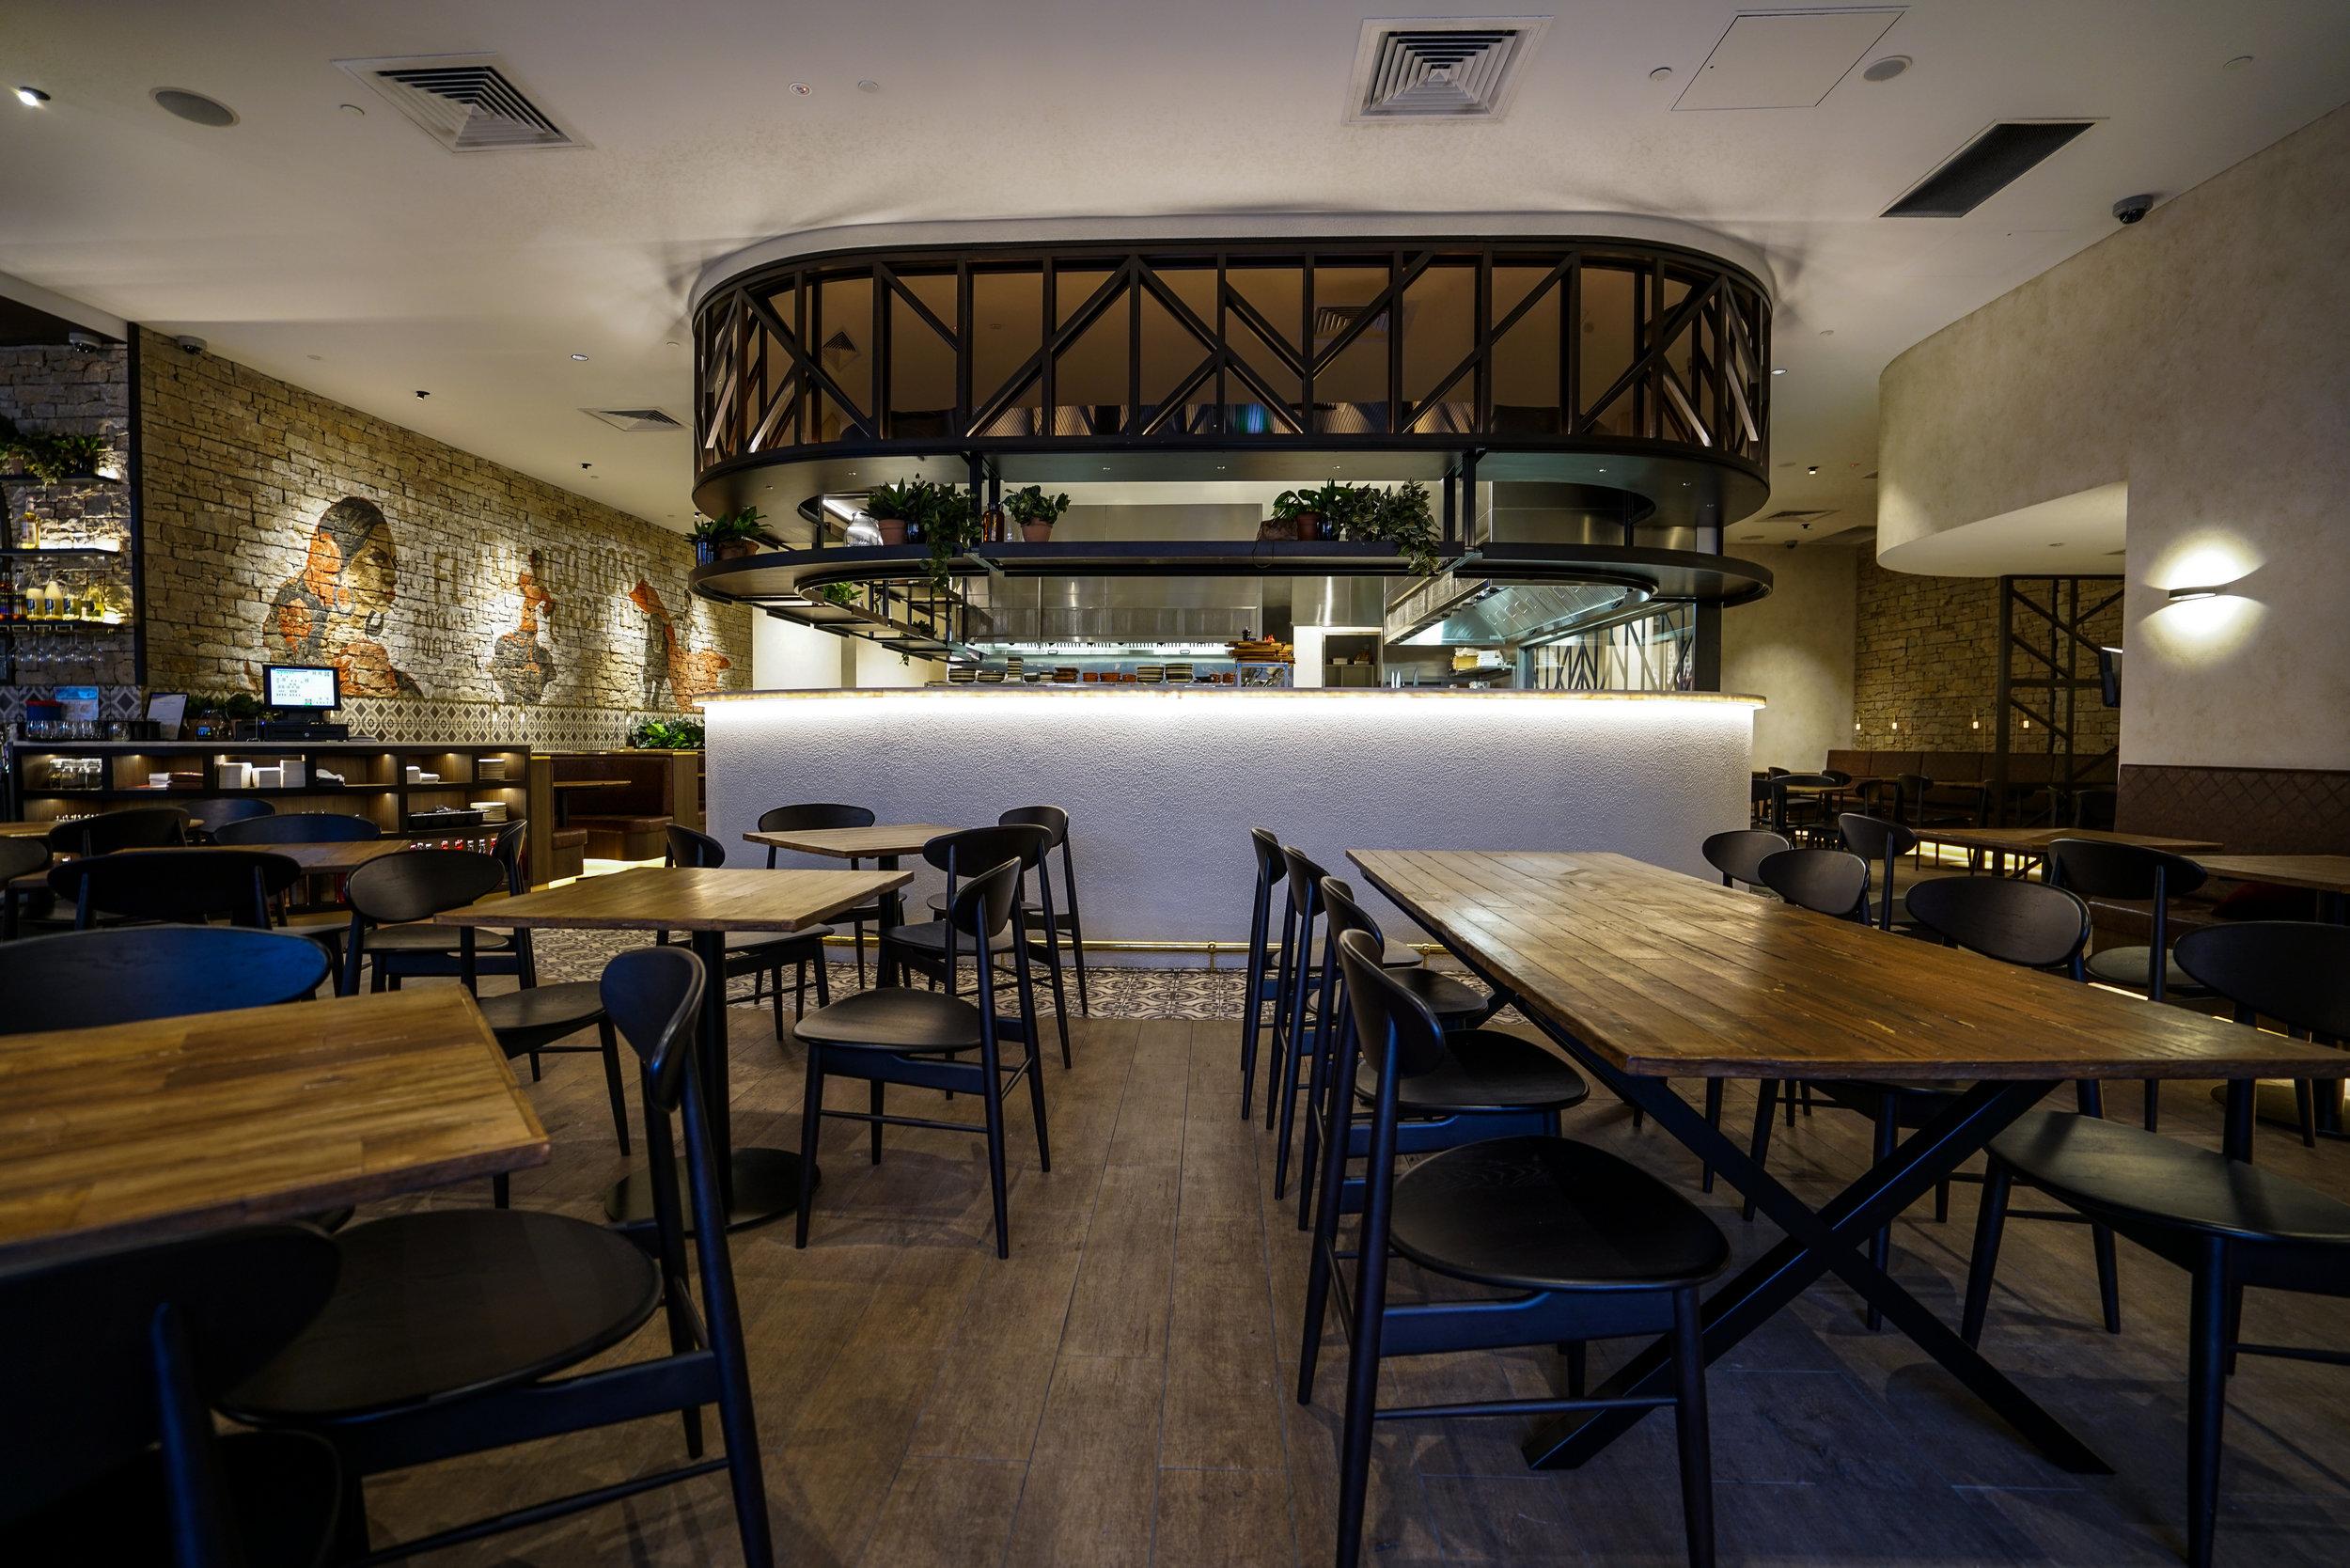 Hermosa Restaurant - Collectivus Interior Design